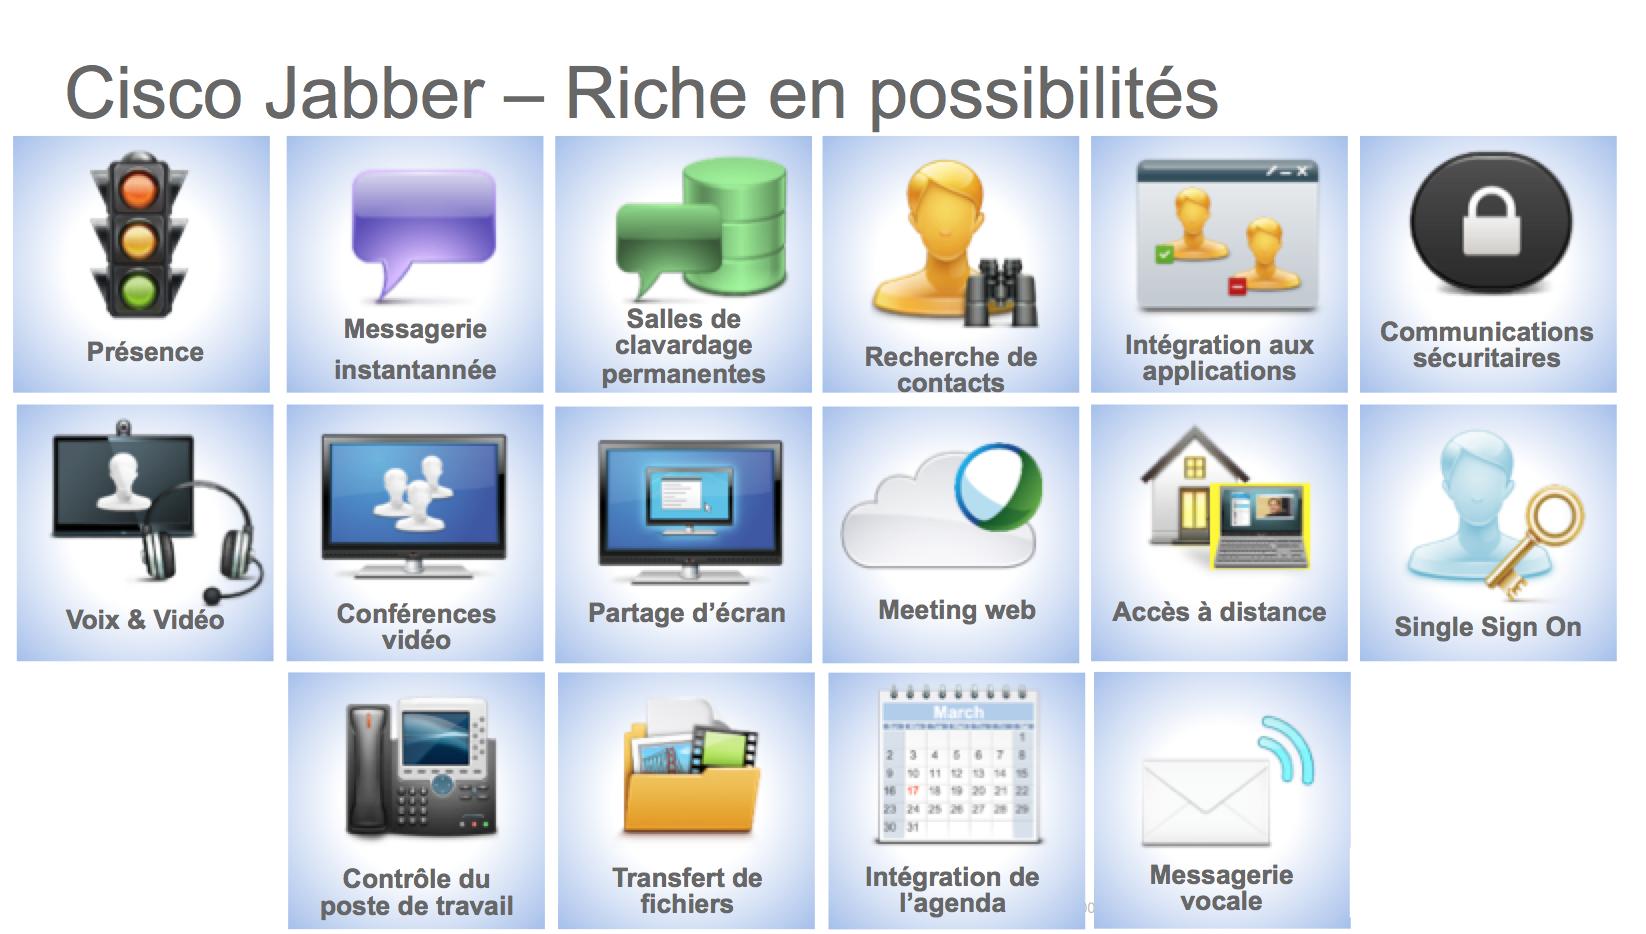 Cisco-Jabber-features